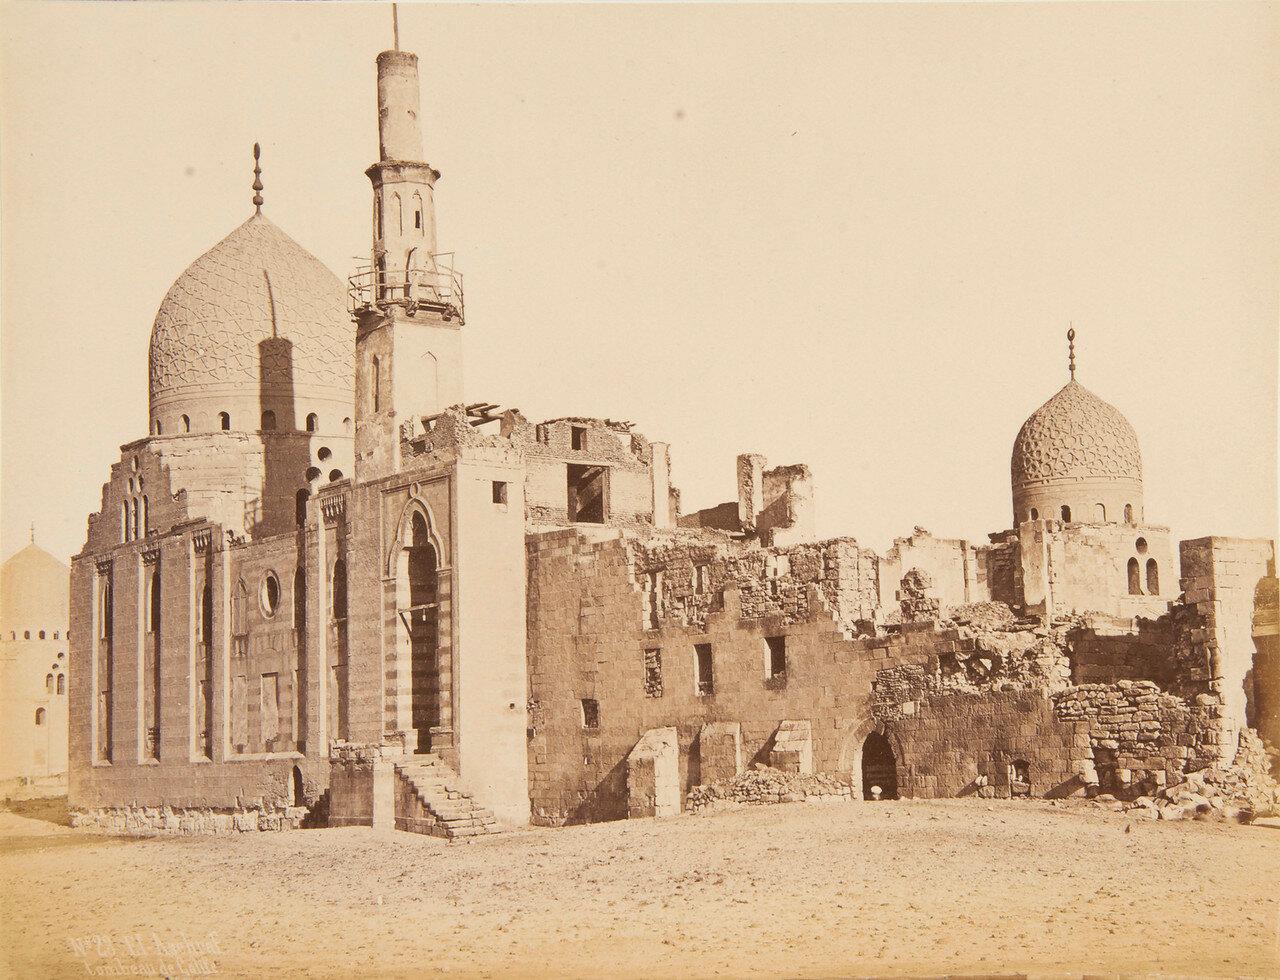 Каир. Мечеть Аль Ашраф и Гробницы халифов